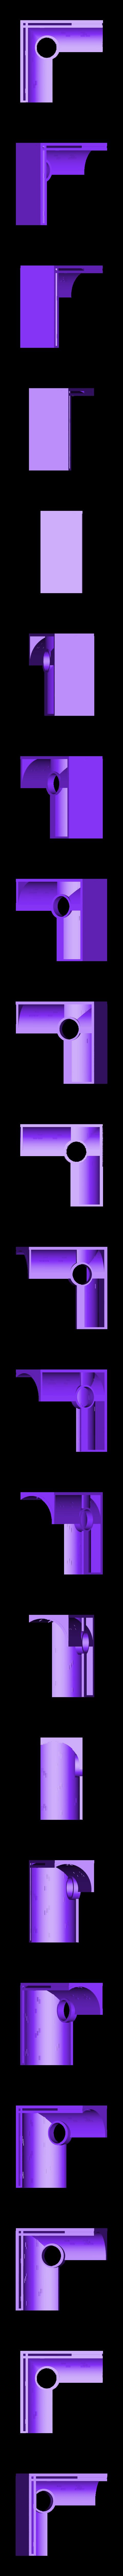 90deg_top1.stl Télécharger fichier STL gratuit Ripper's London - Les égouts • Design pour imprimante 3D, Earsling